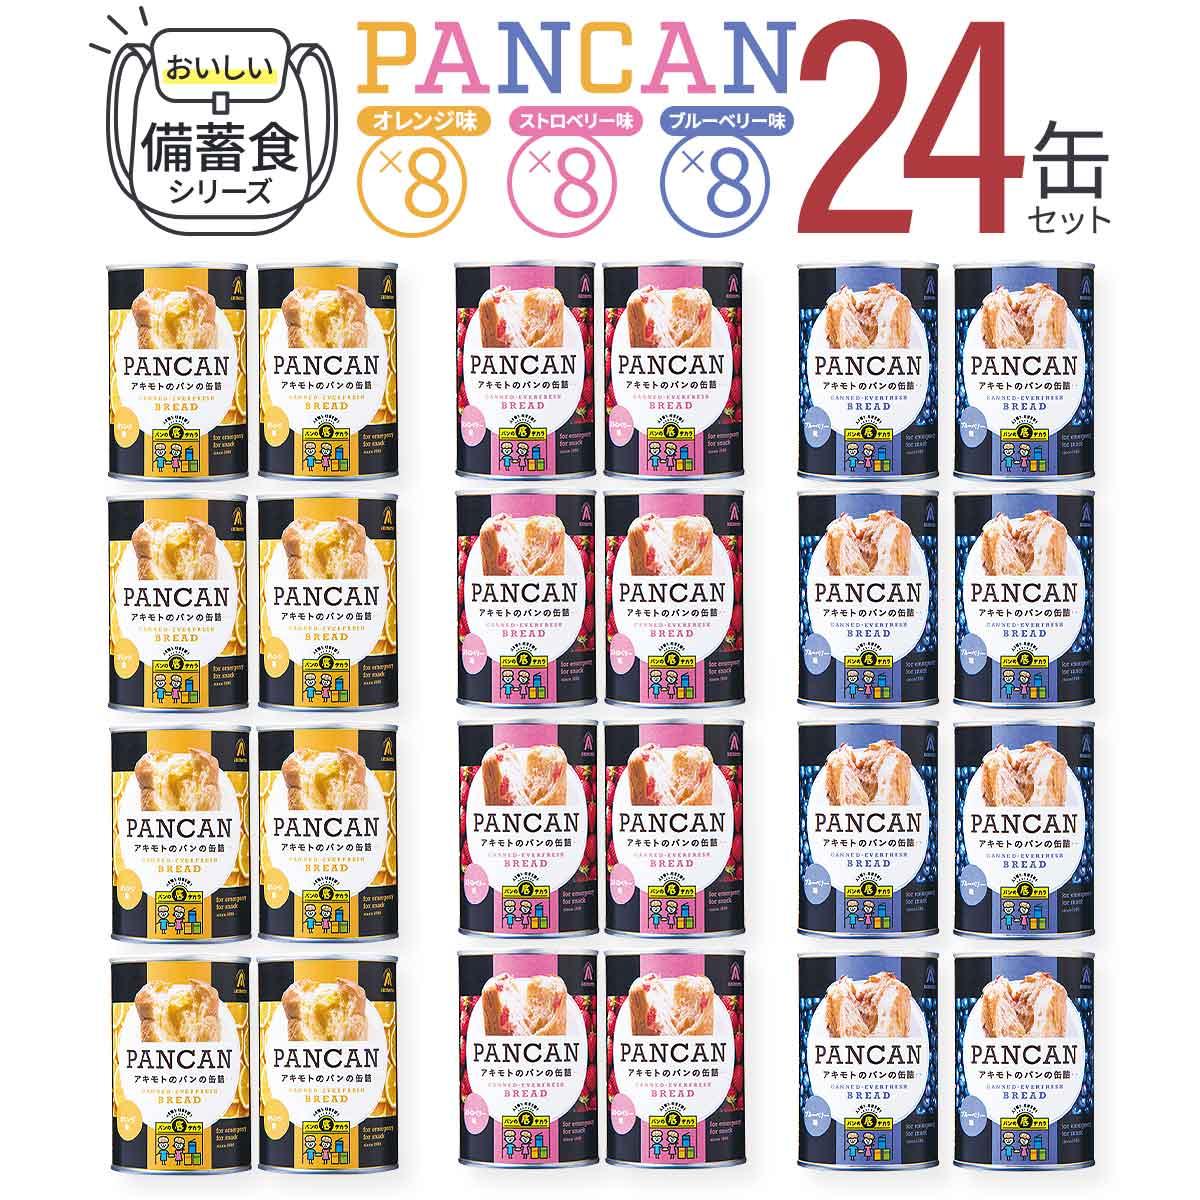 お歳暮 ご注文を受けてから製造します パンアキモト PANCAN おいしい備蓄食 最安値 賞味期限3年のものをお届け 缶パン24缶セット